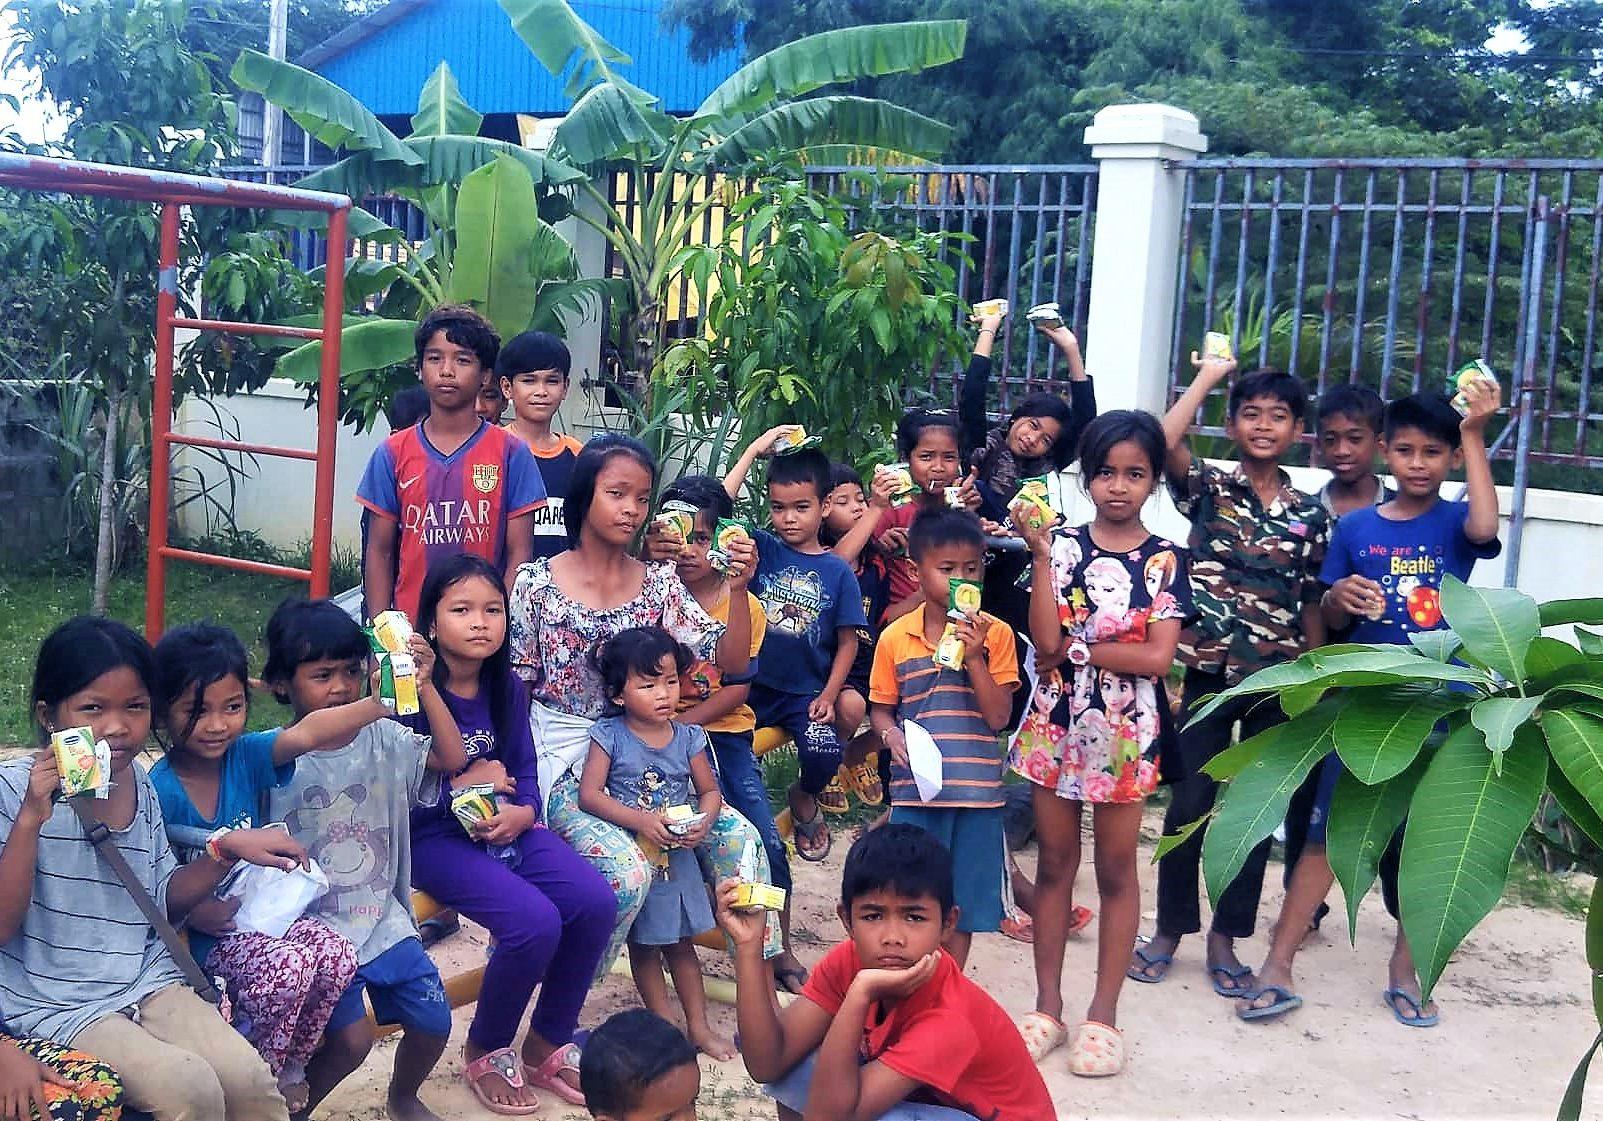 2019, 10 Cambodia children, edited